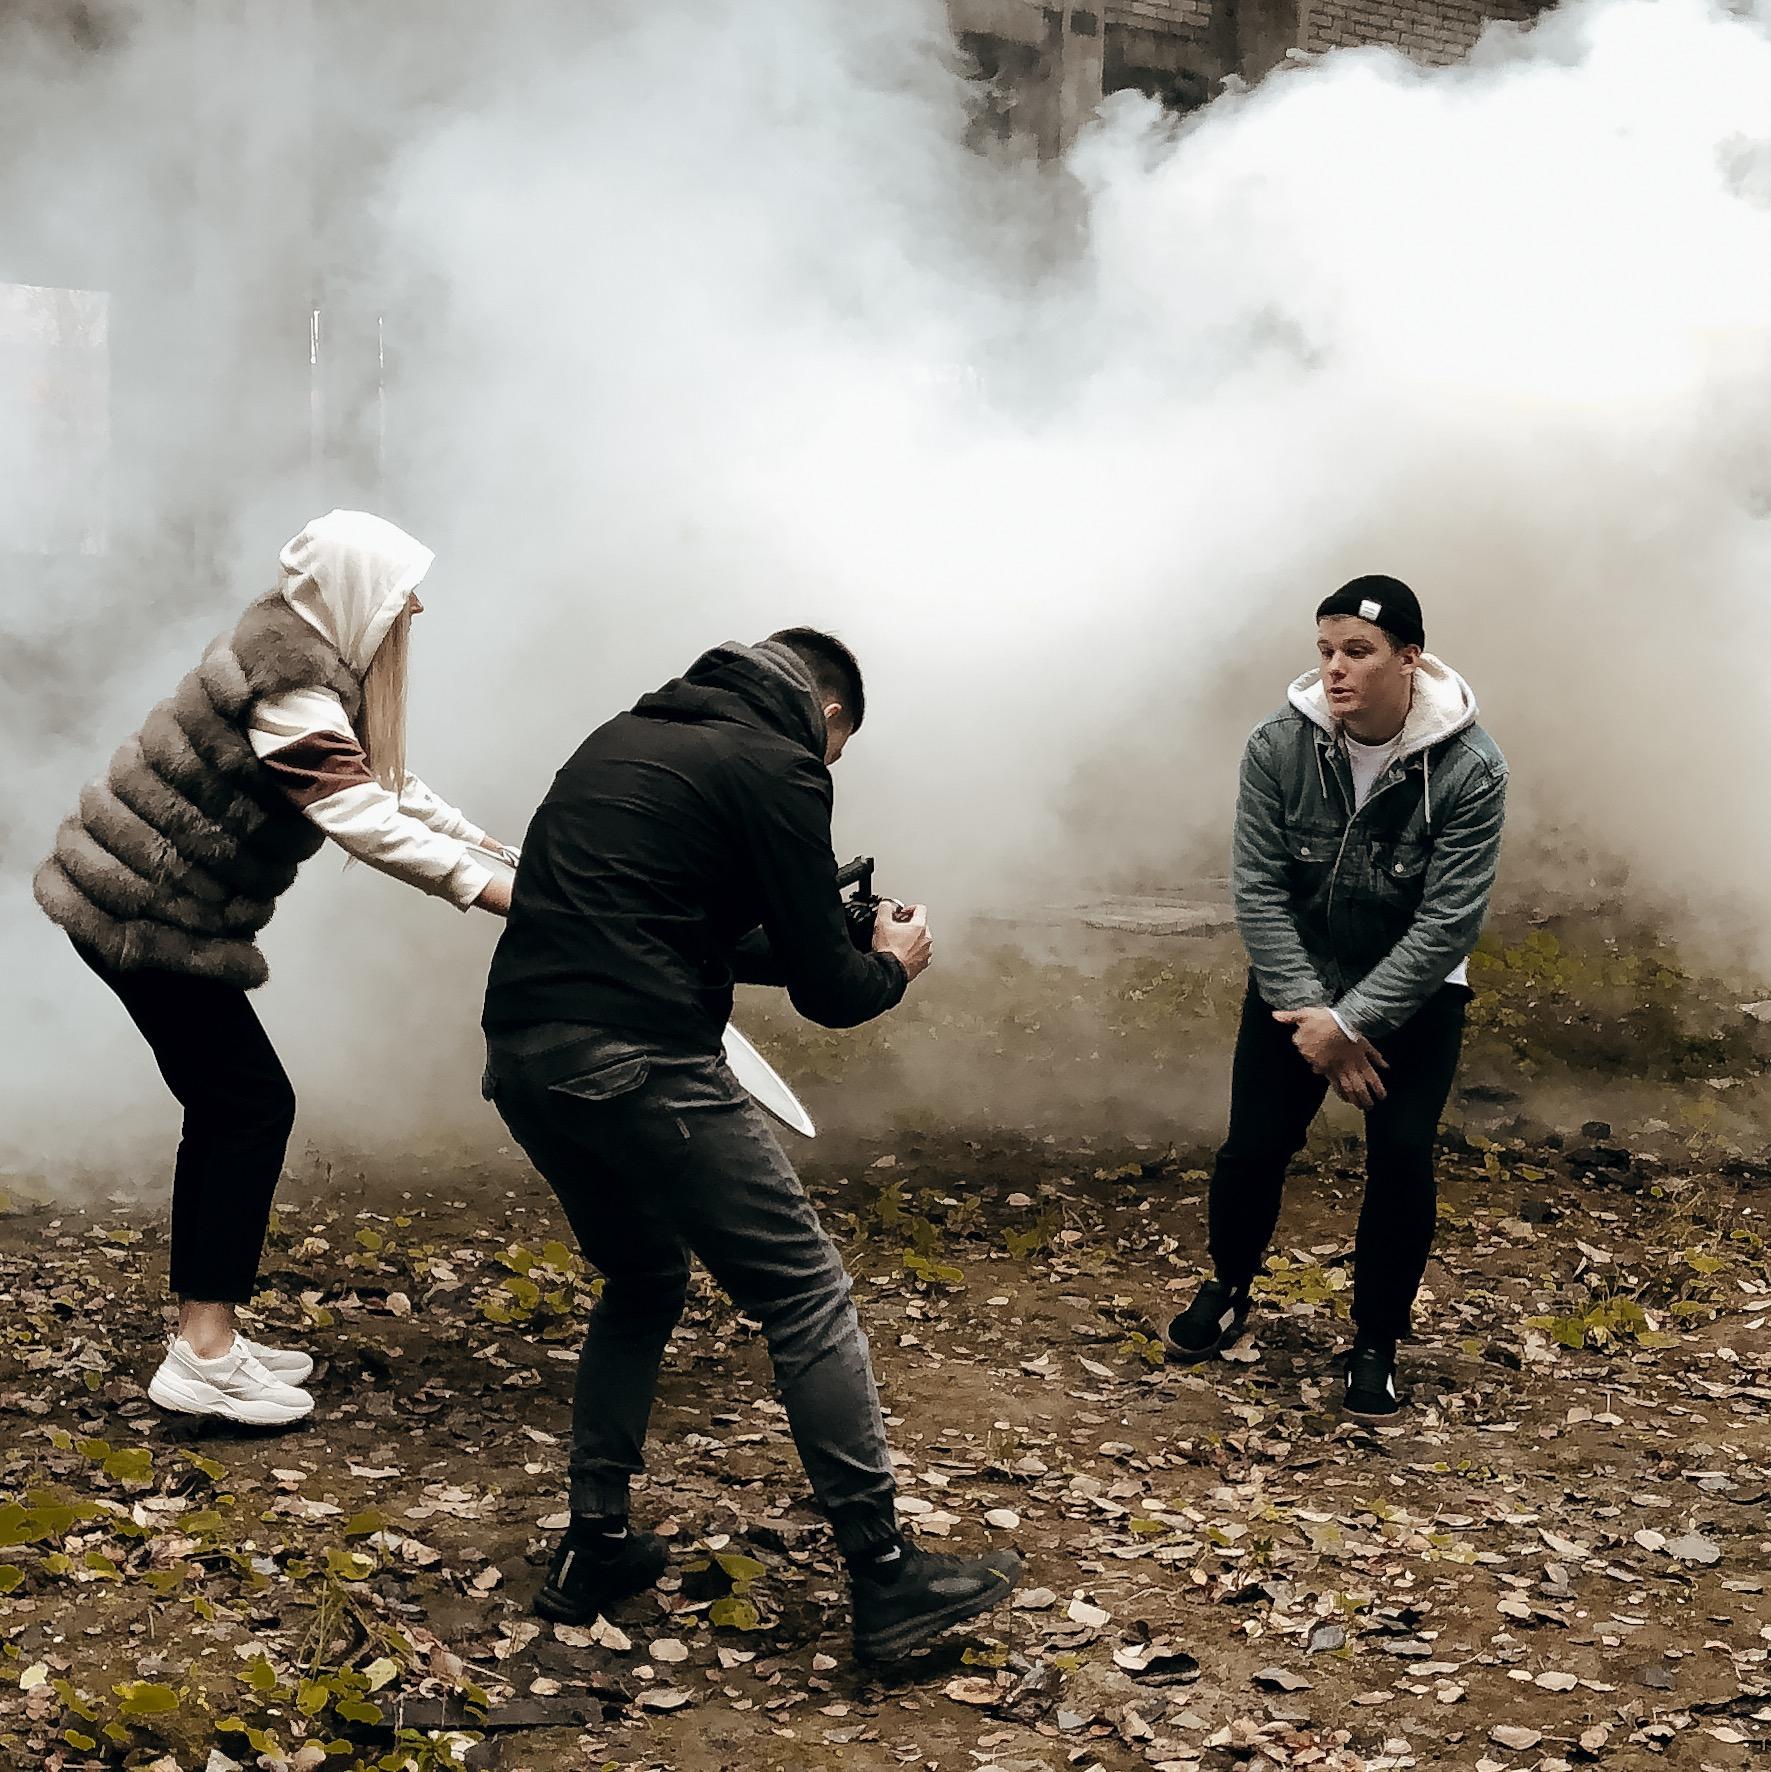 О съемке, монтаже и YouTubе: интервью с видеооператором Димой Гресевым